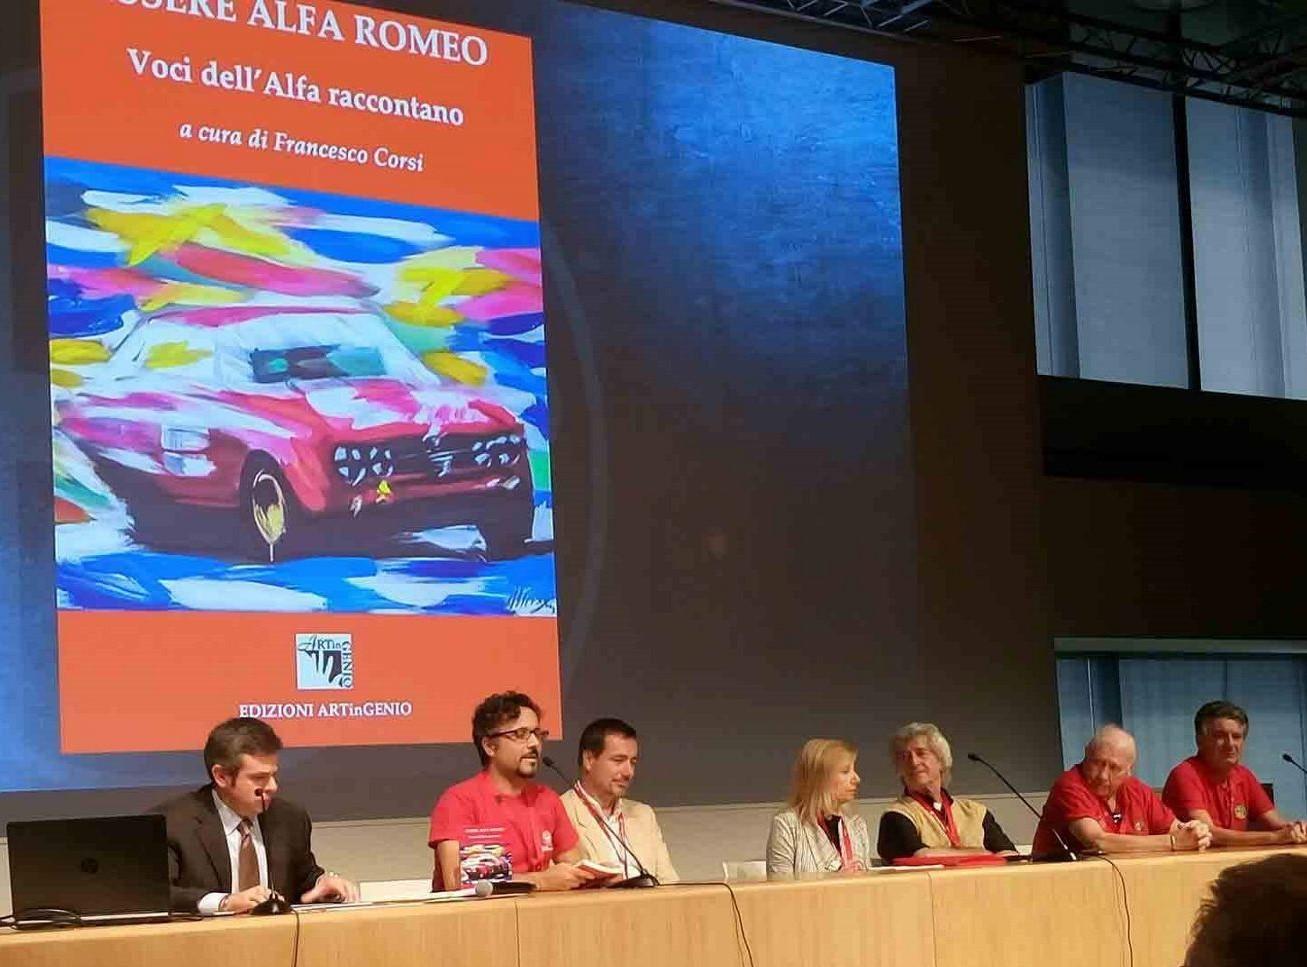 2016 Museo Storico di Arese - Essere Alfa Romeo